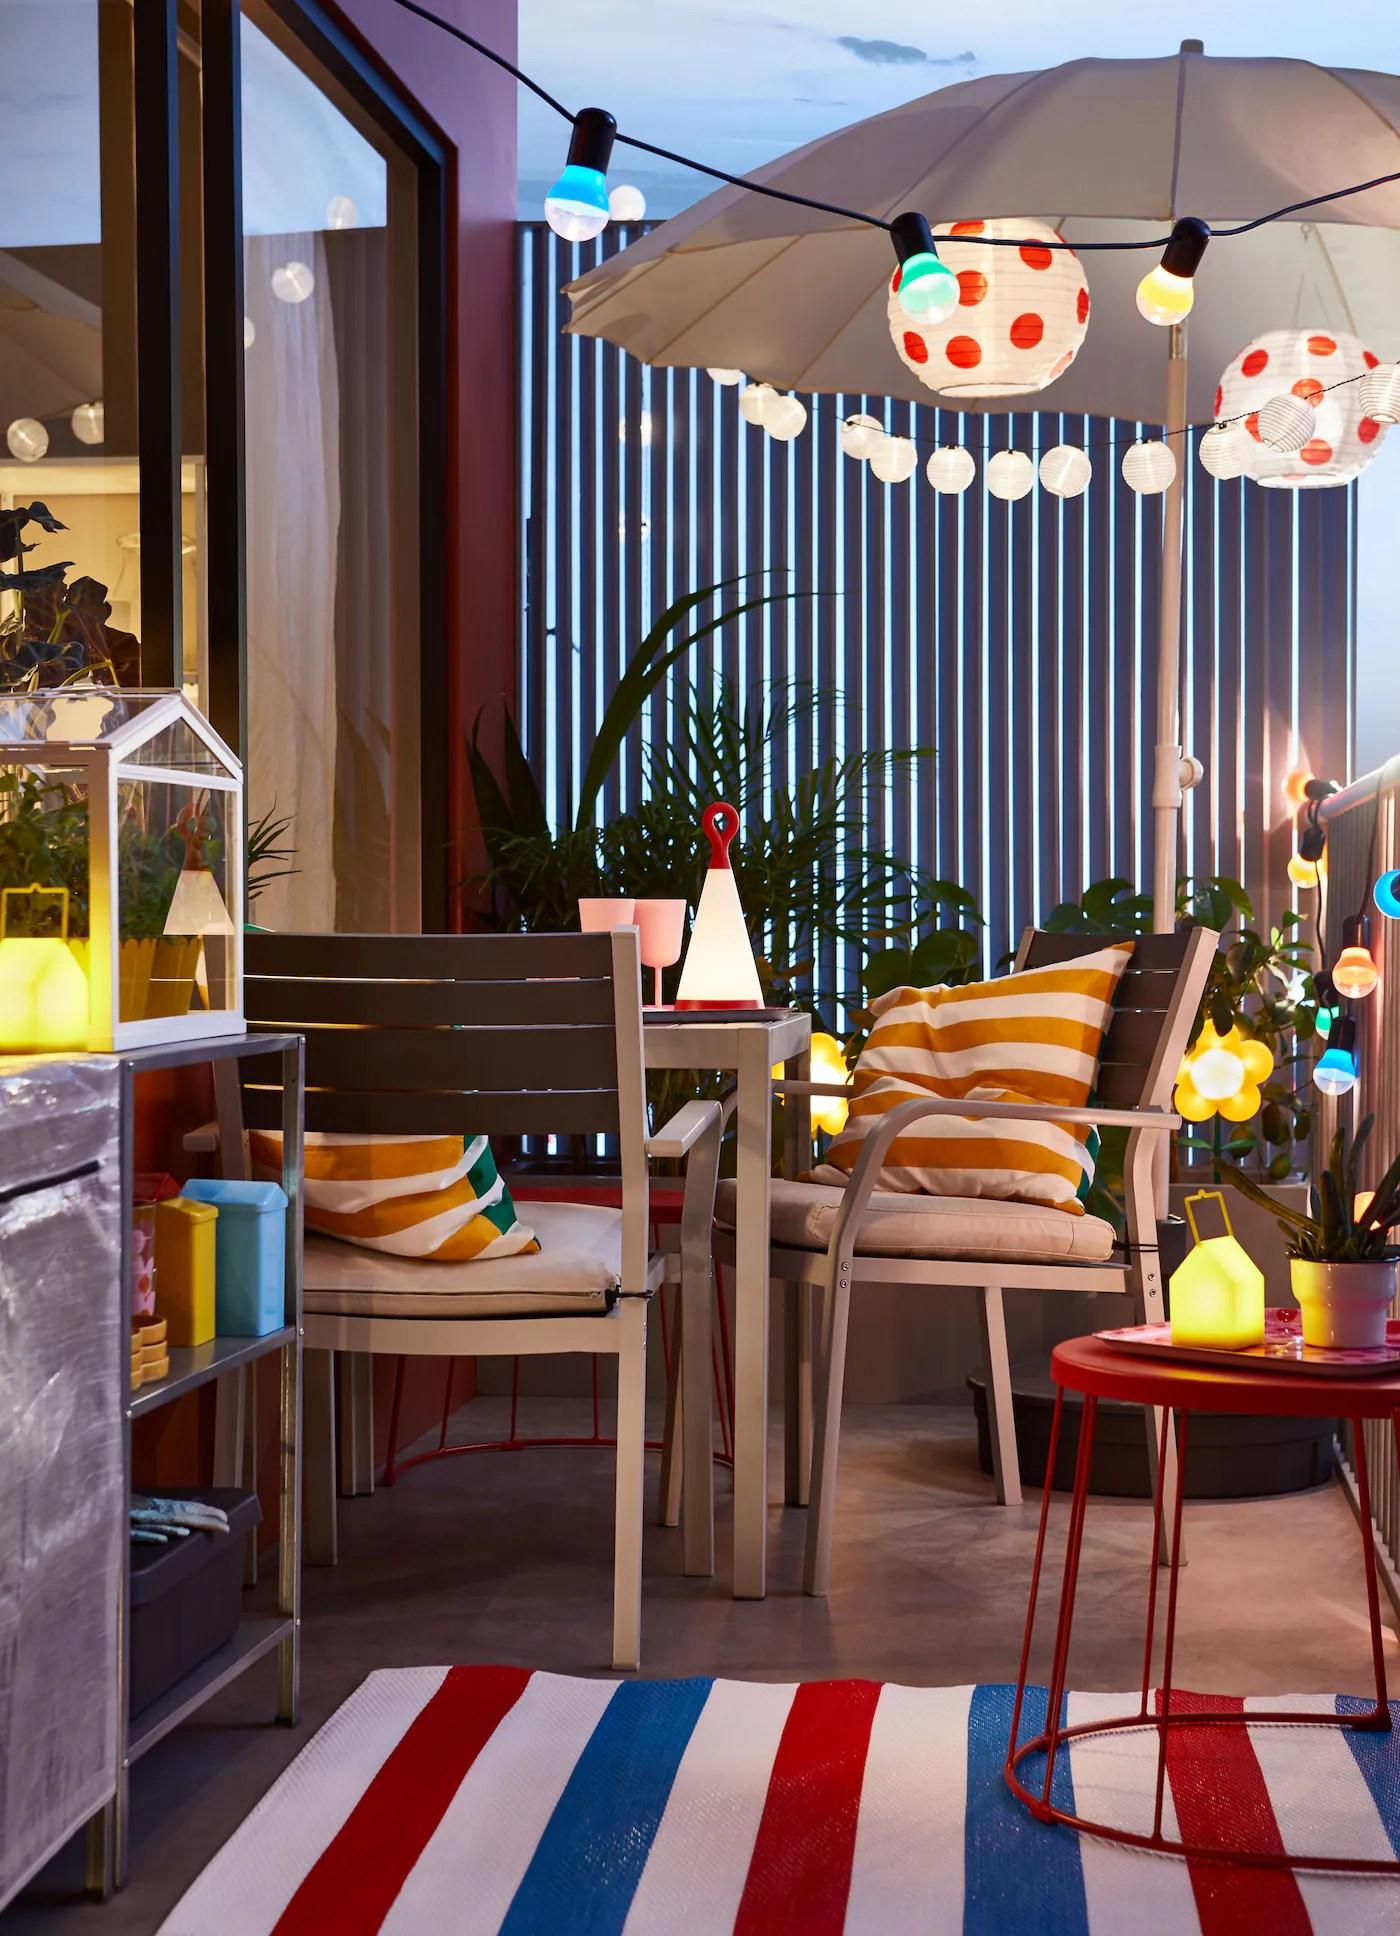 Goditi Lestate Sul Balcone Di Casa Ikea